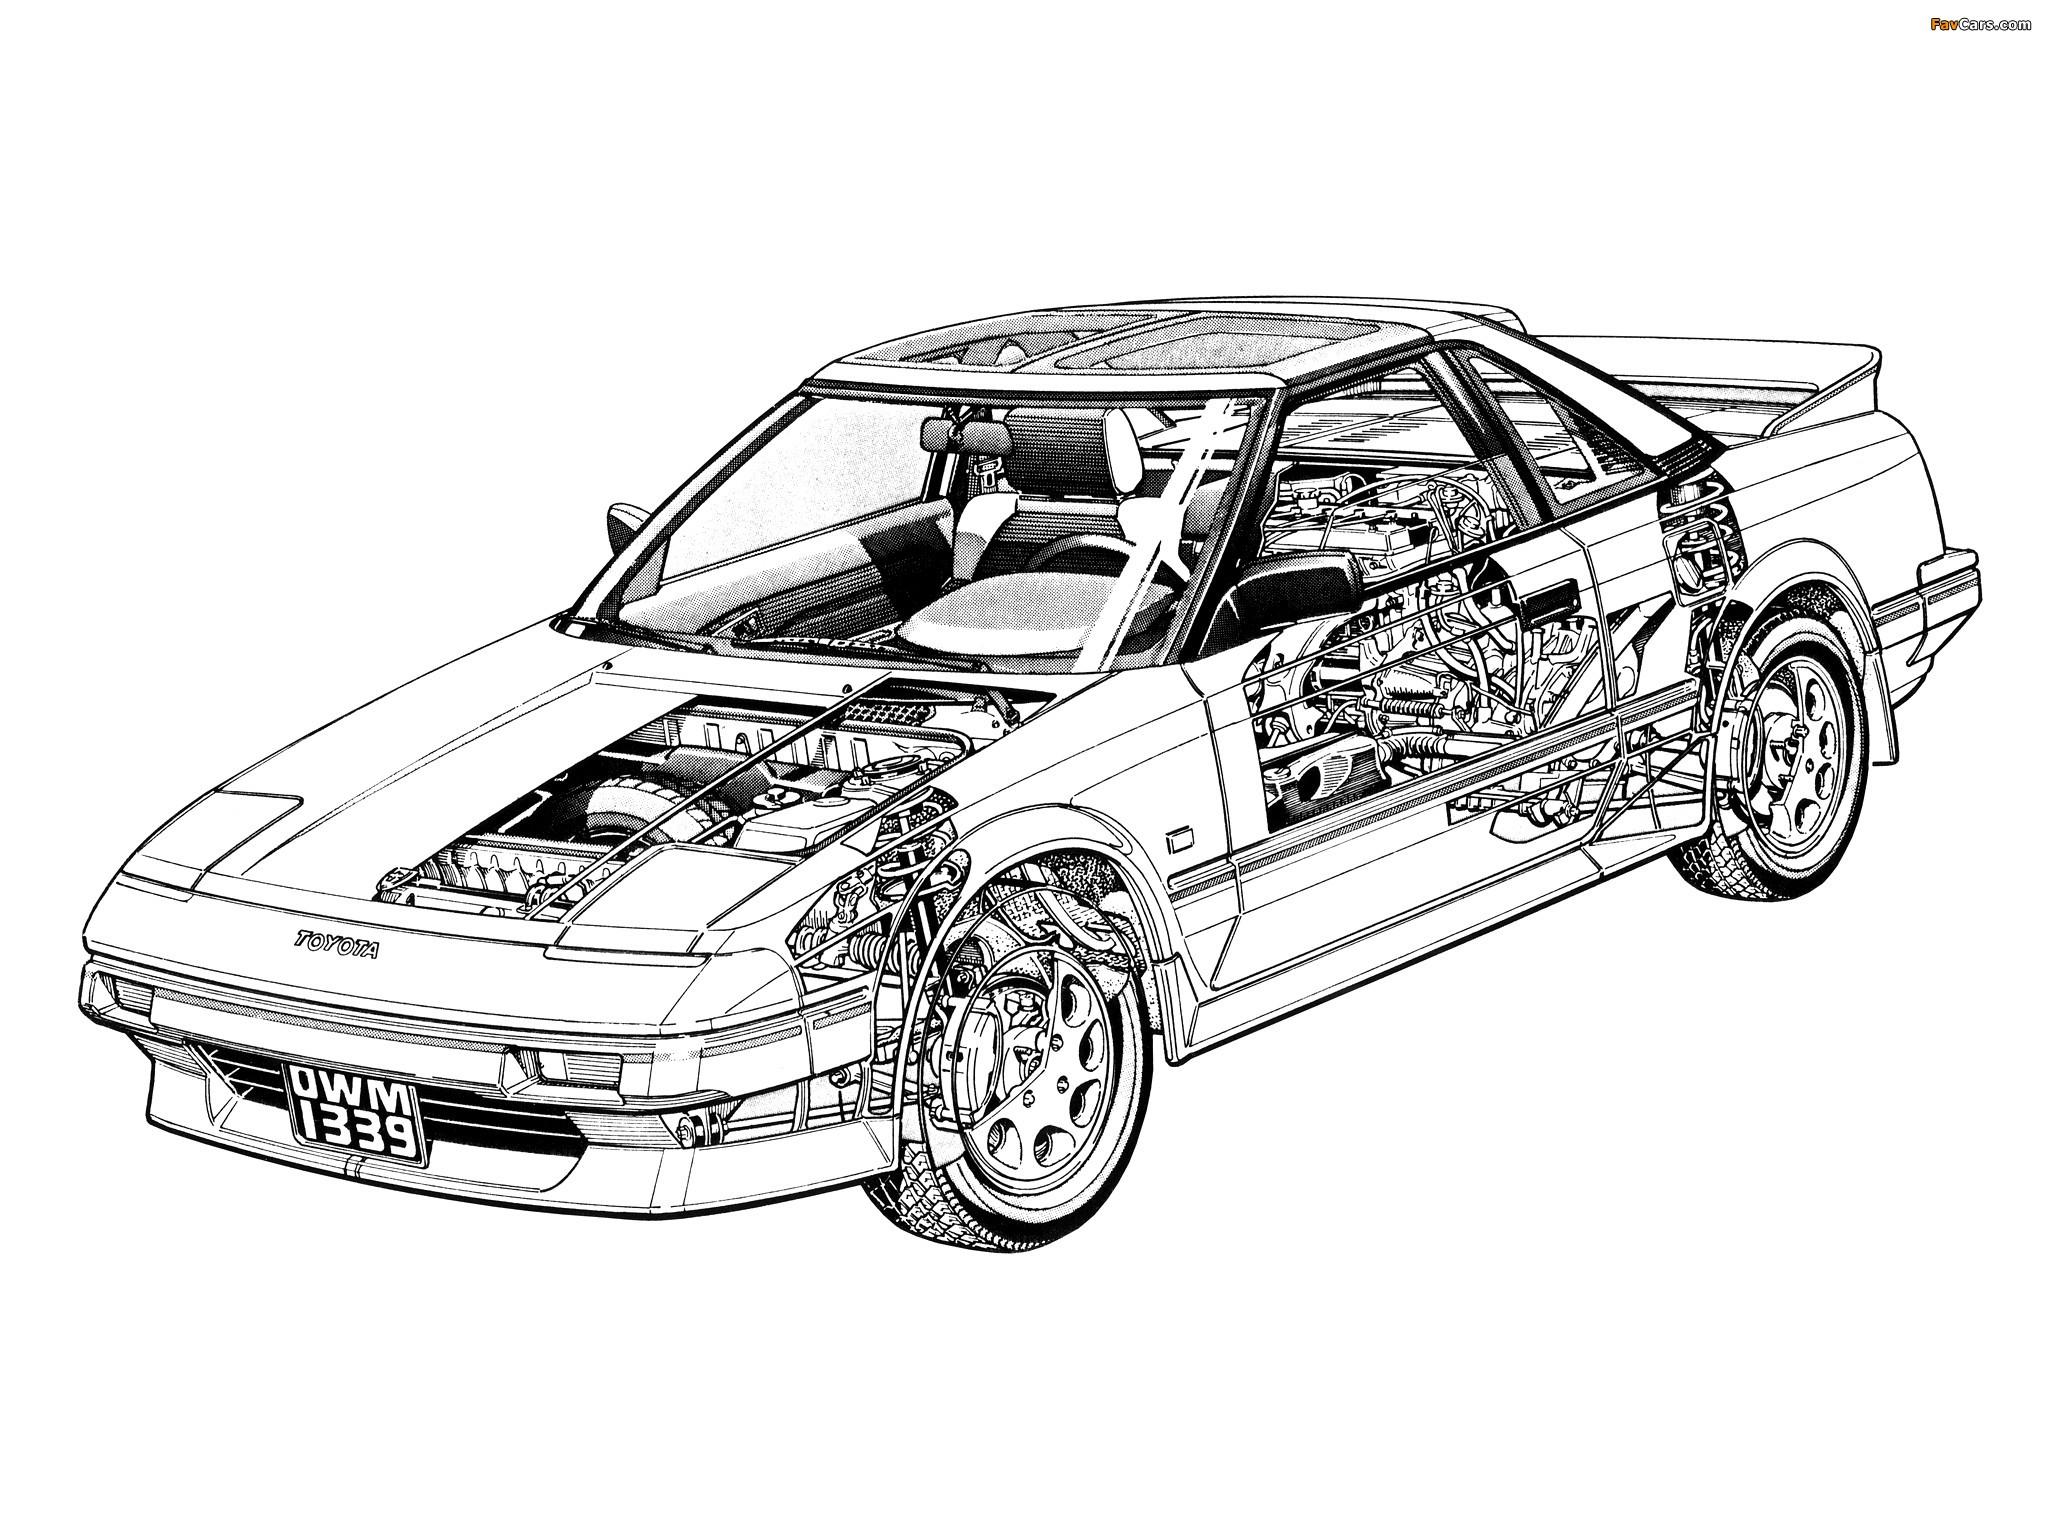 Toyota Mr2 Aw11 El Primer Motor Central Nipon